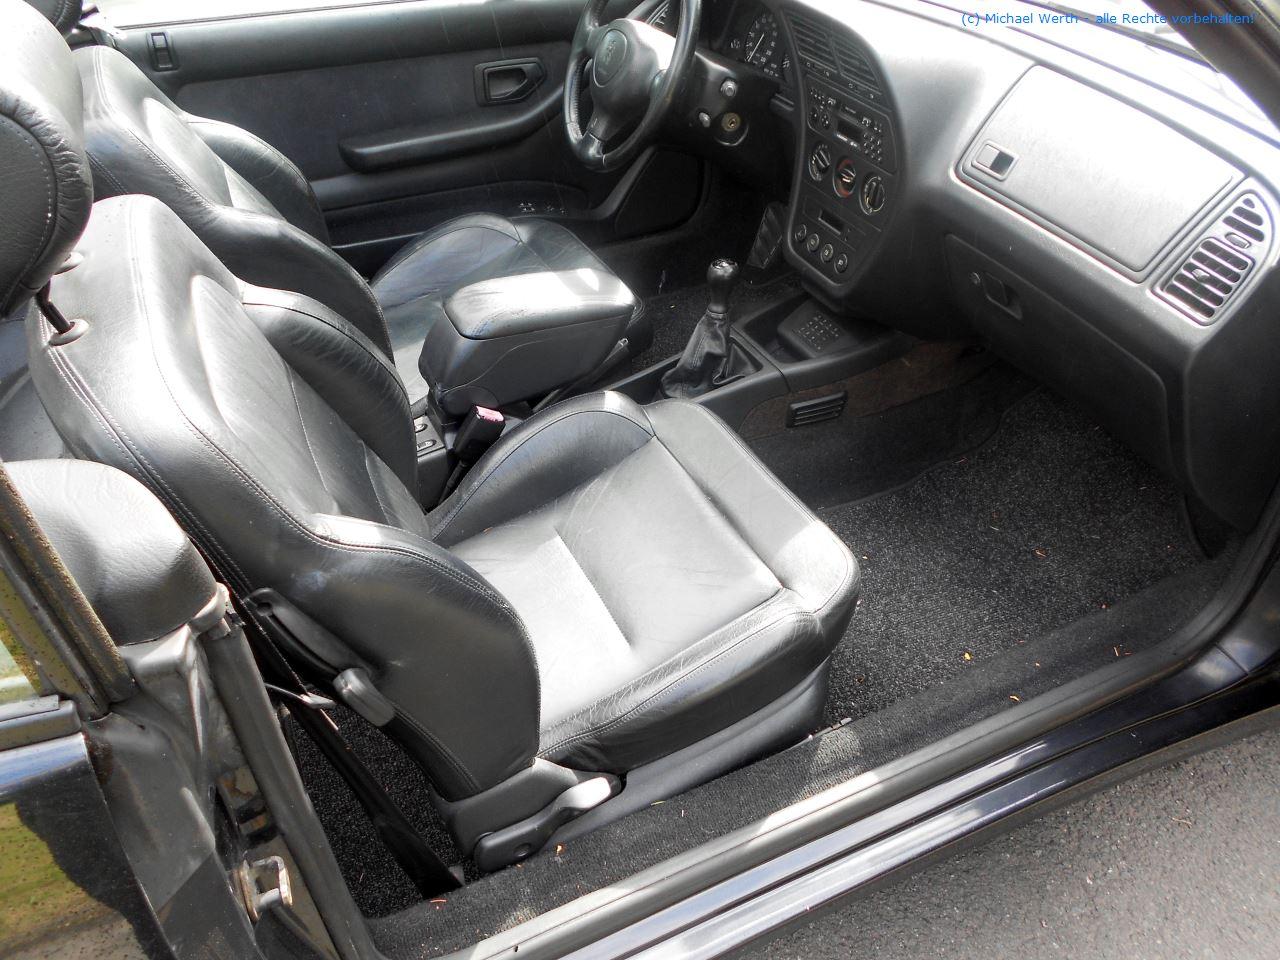 1996er Peugeot 306 Cabriolet #10